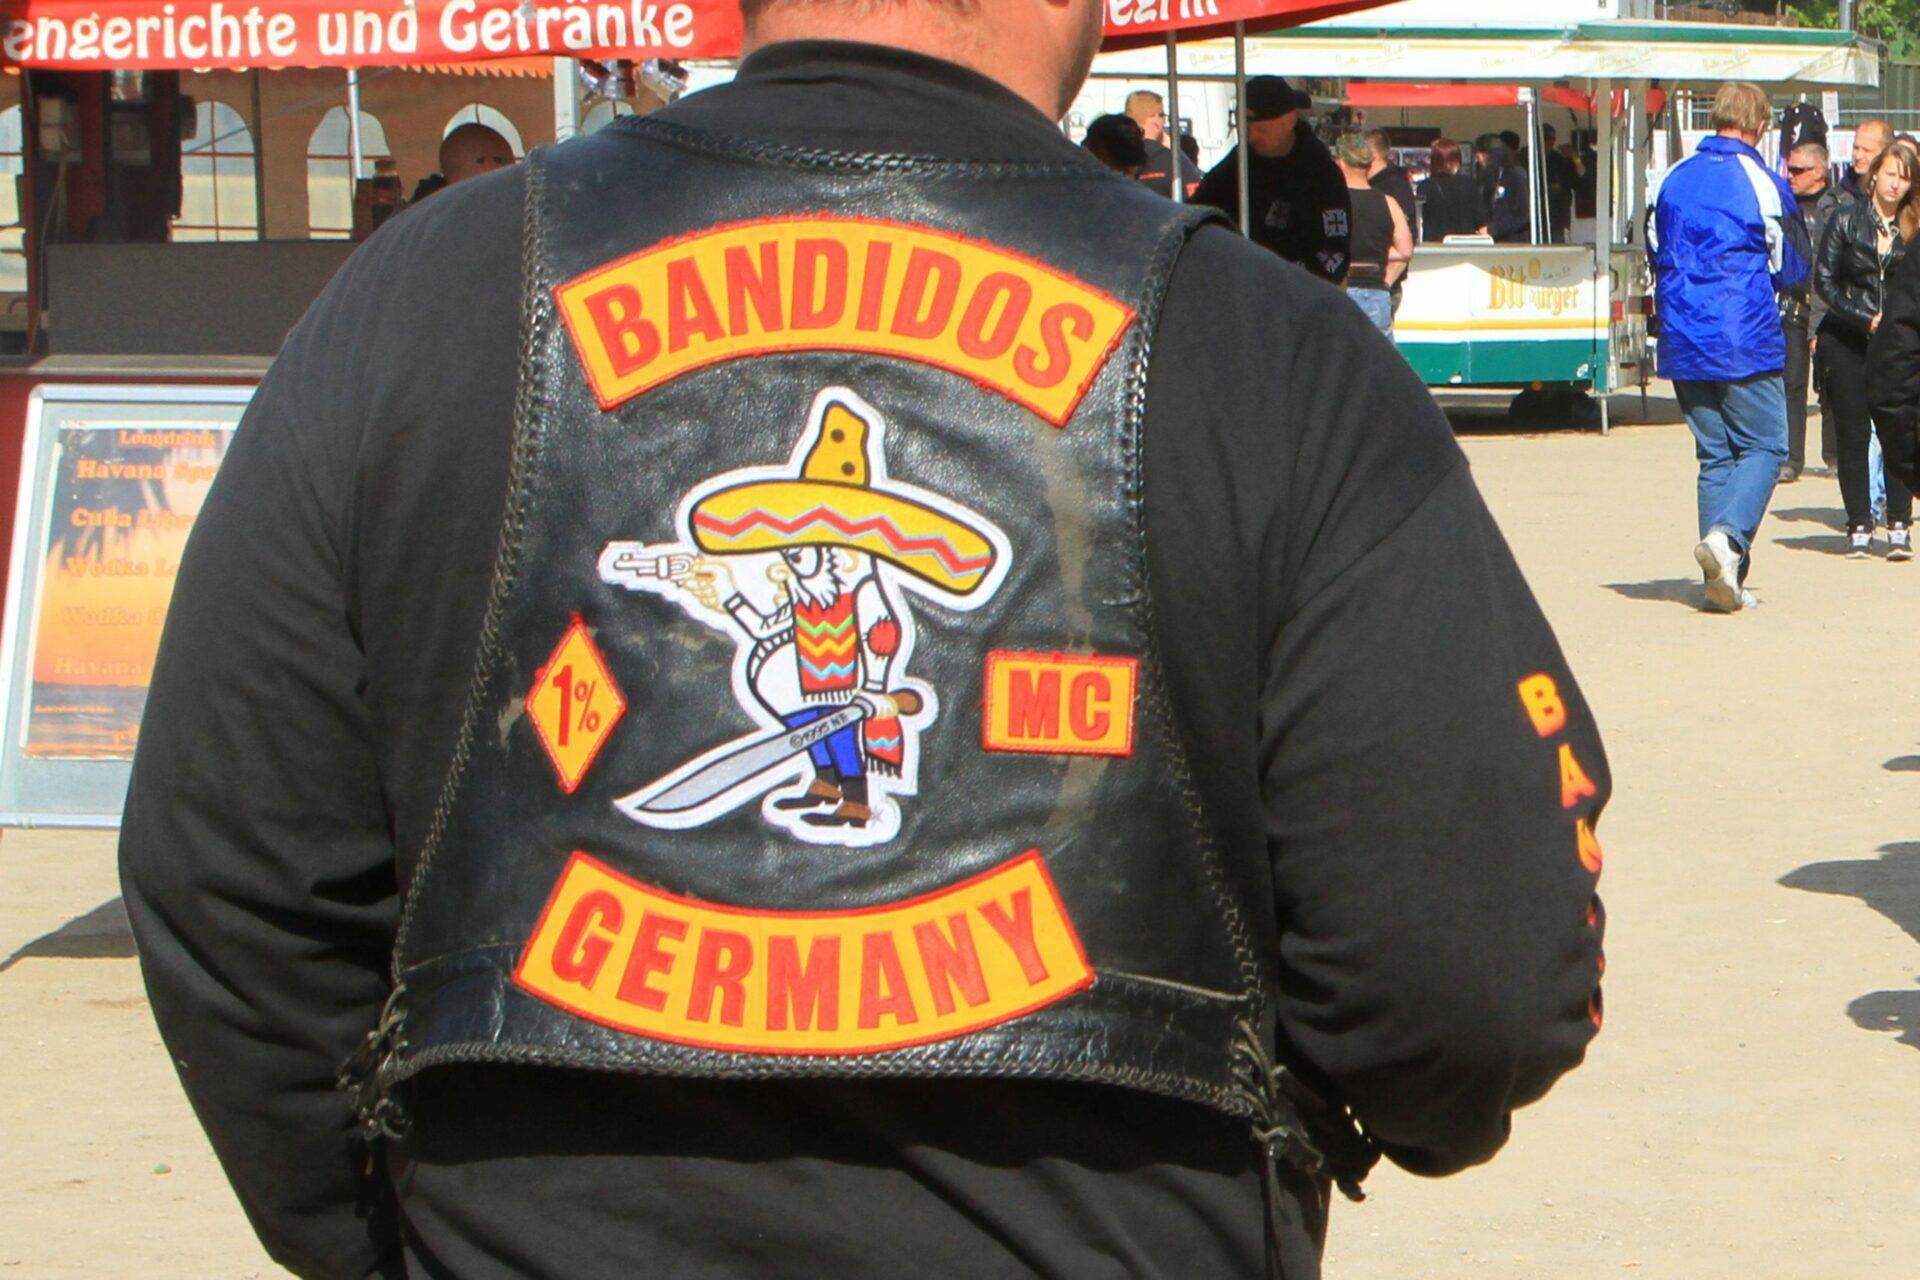 Anklage: Der Auftrag zum Mordanschlag kam aus Westhofen